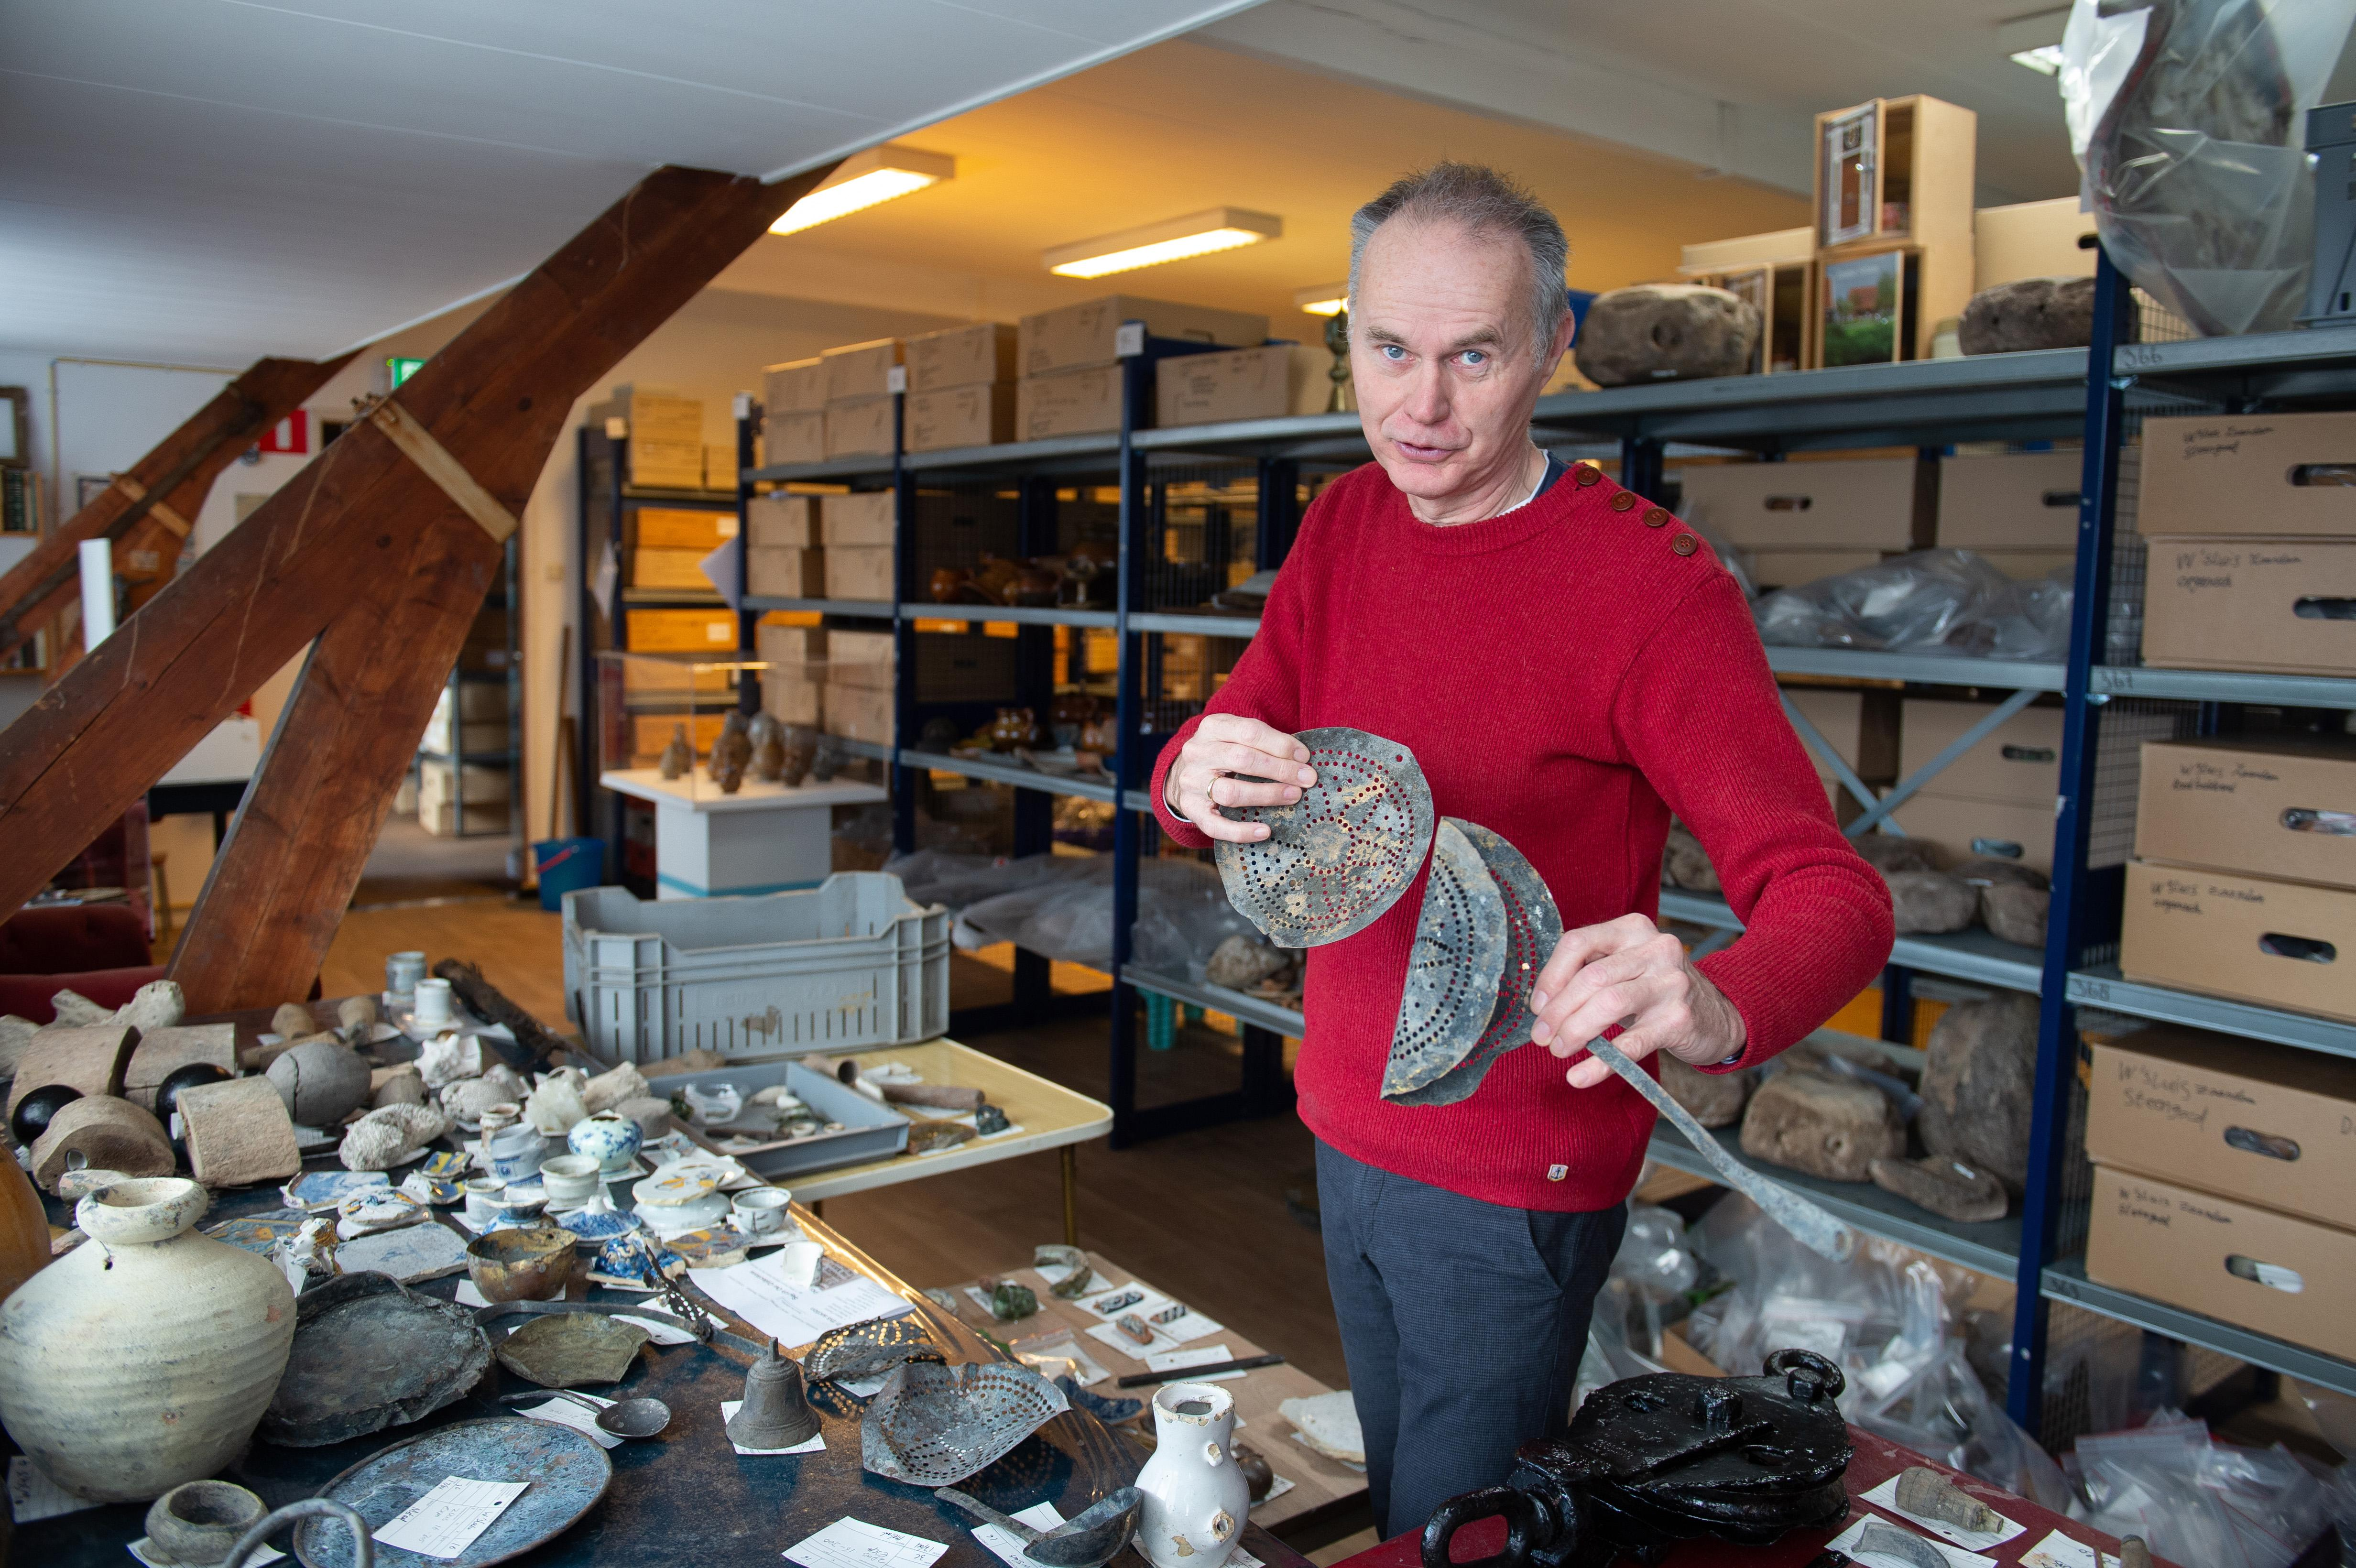 Bij archeologisch onderzoek in de Zaanse Wilhelminasluis kwamen honderduizenden vondsten naar boven: 'Nu is het tijd om alles met de hand te gaan selecteren'